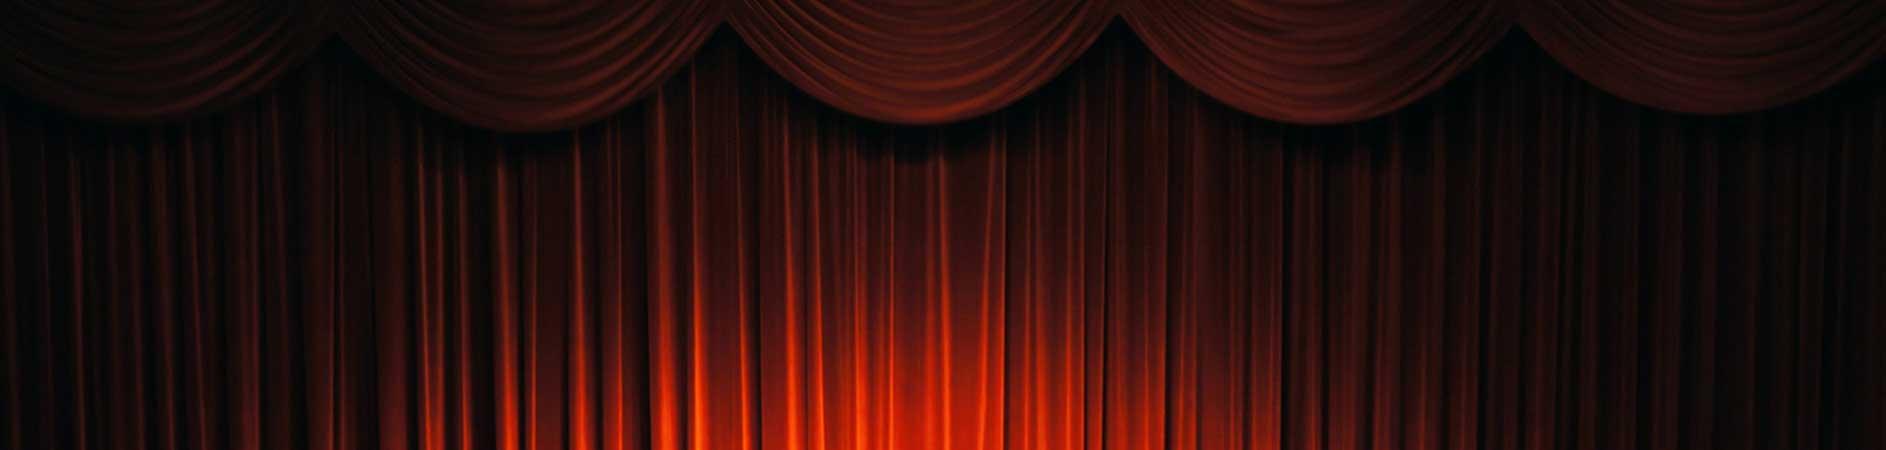 curtain-wide.jpg